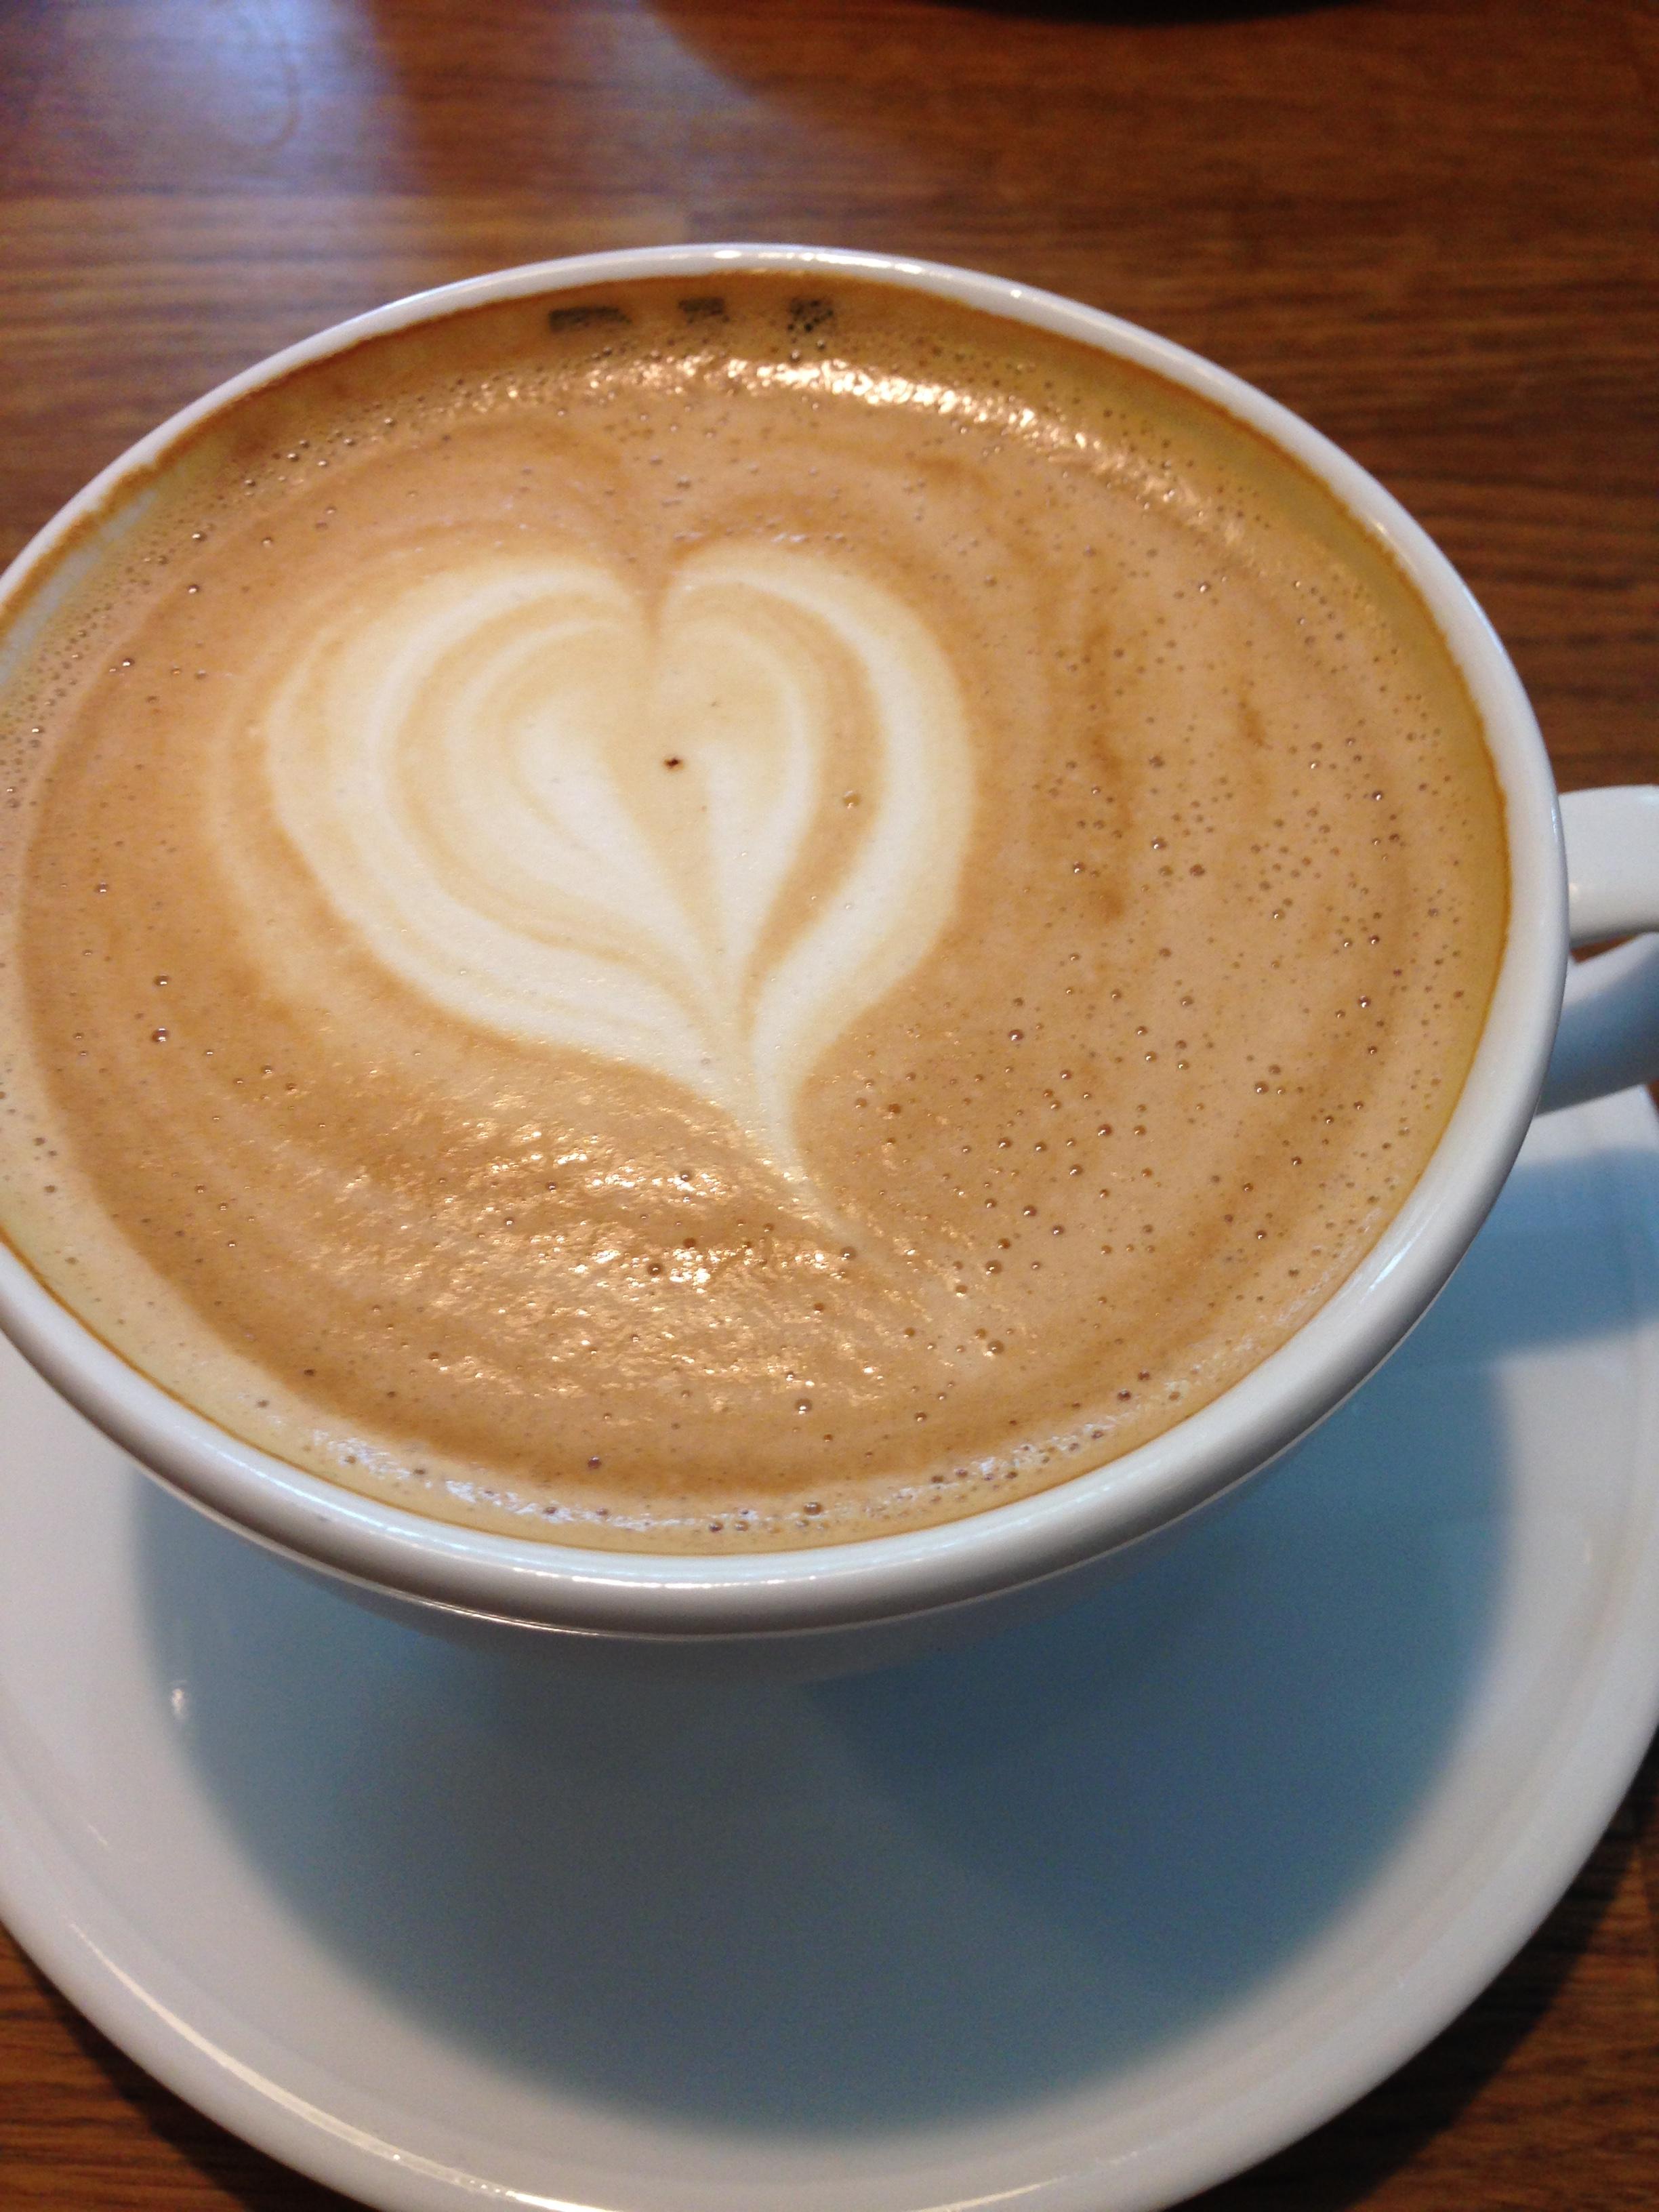 Kaffee-Liebe